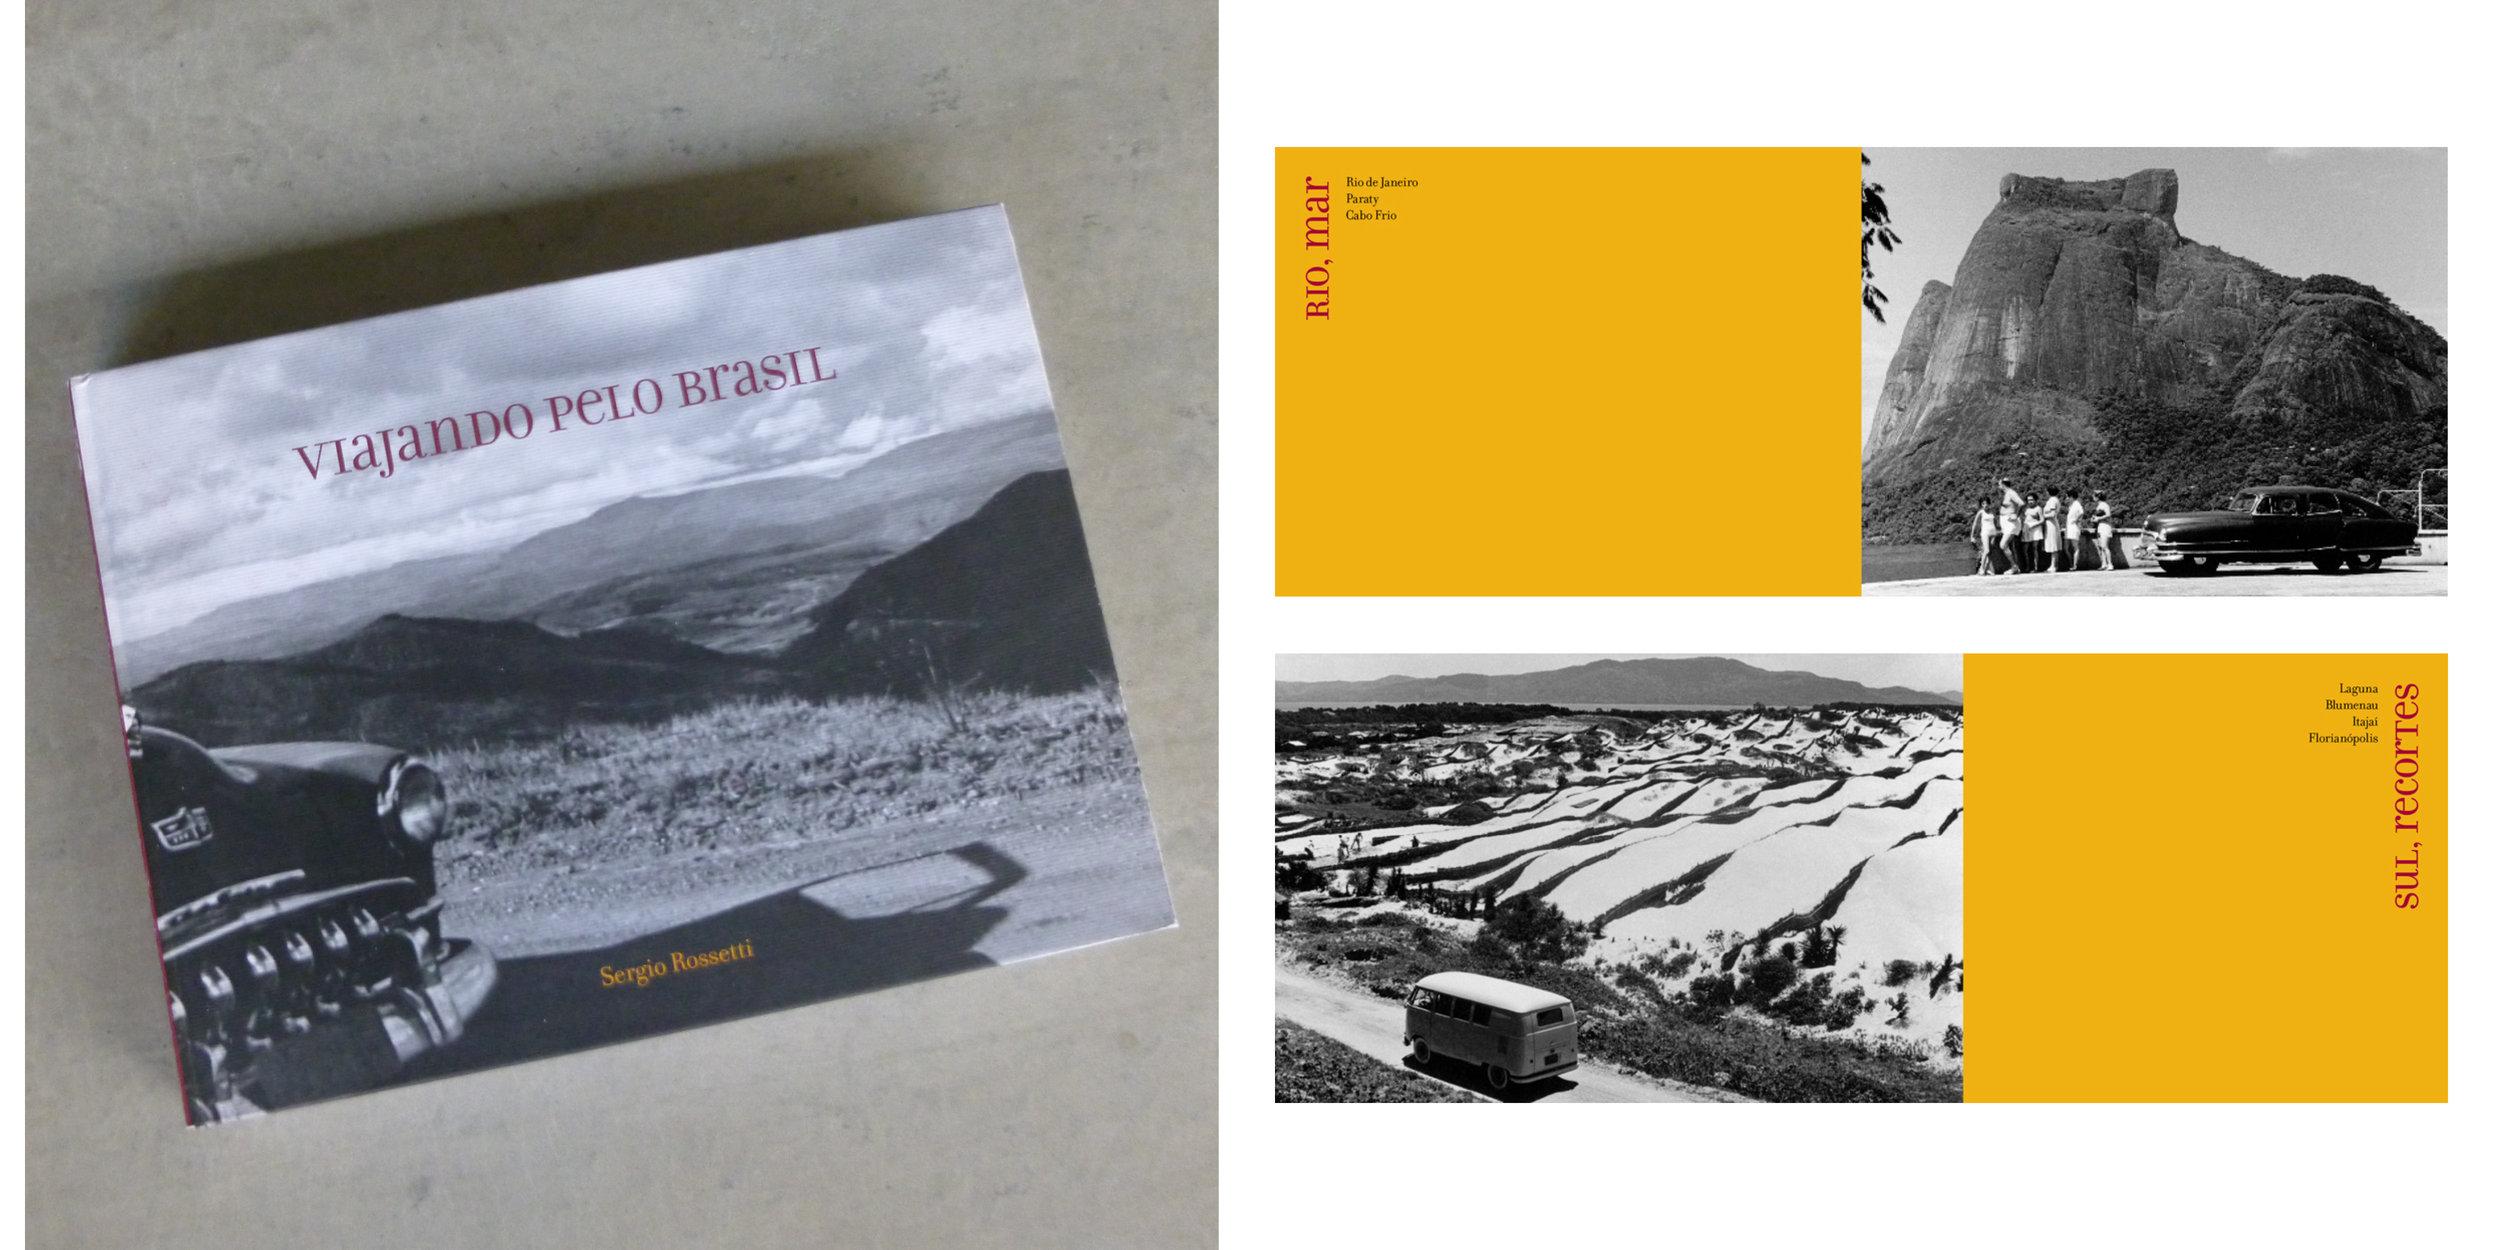 carrossel_jornais,livros,revistas-9.jpg